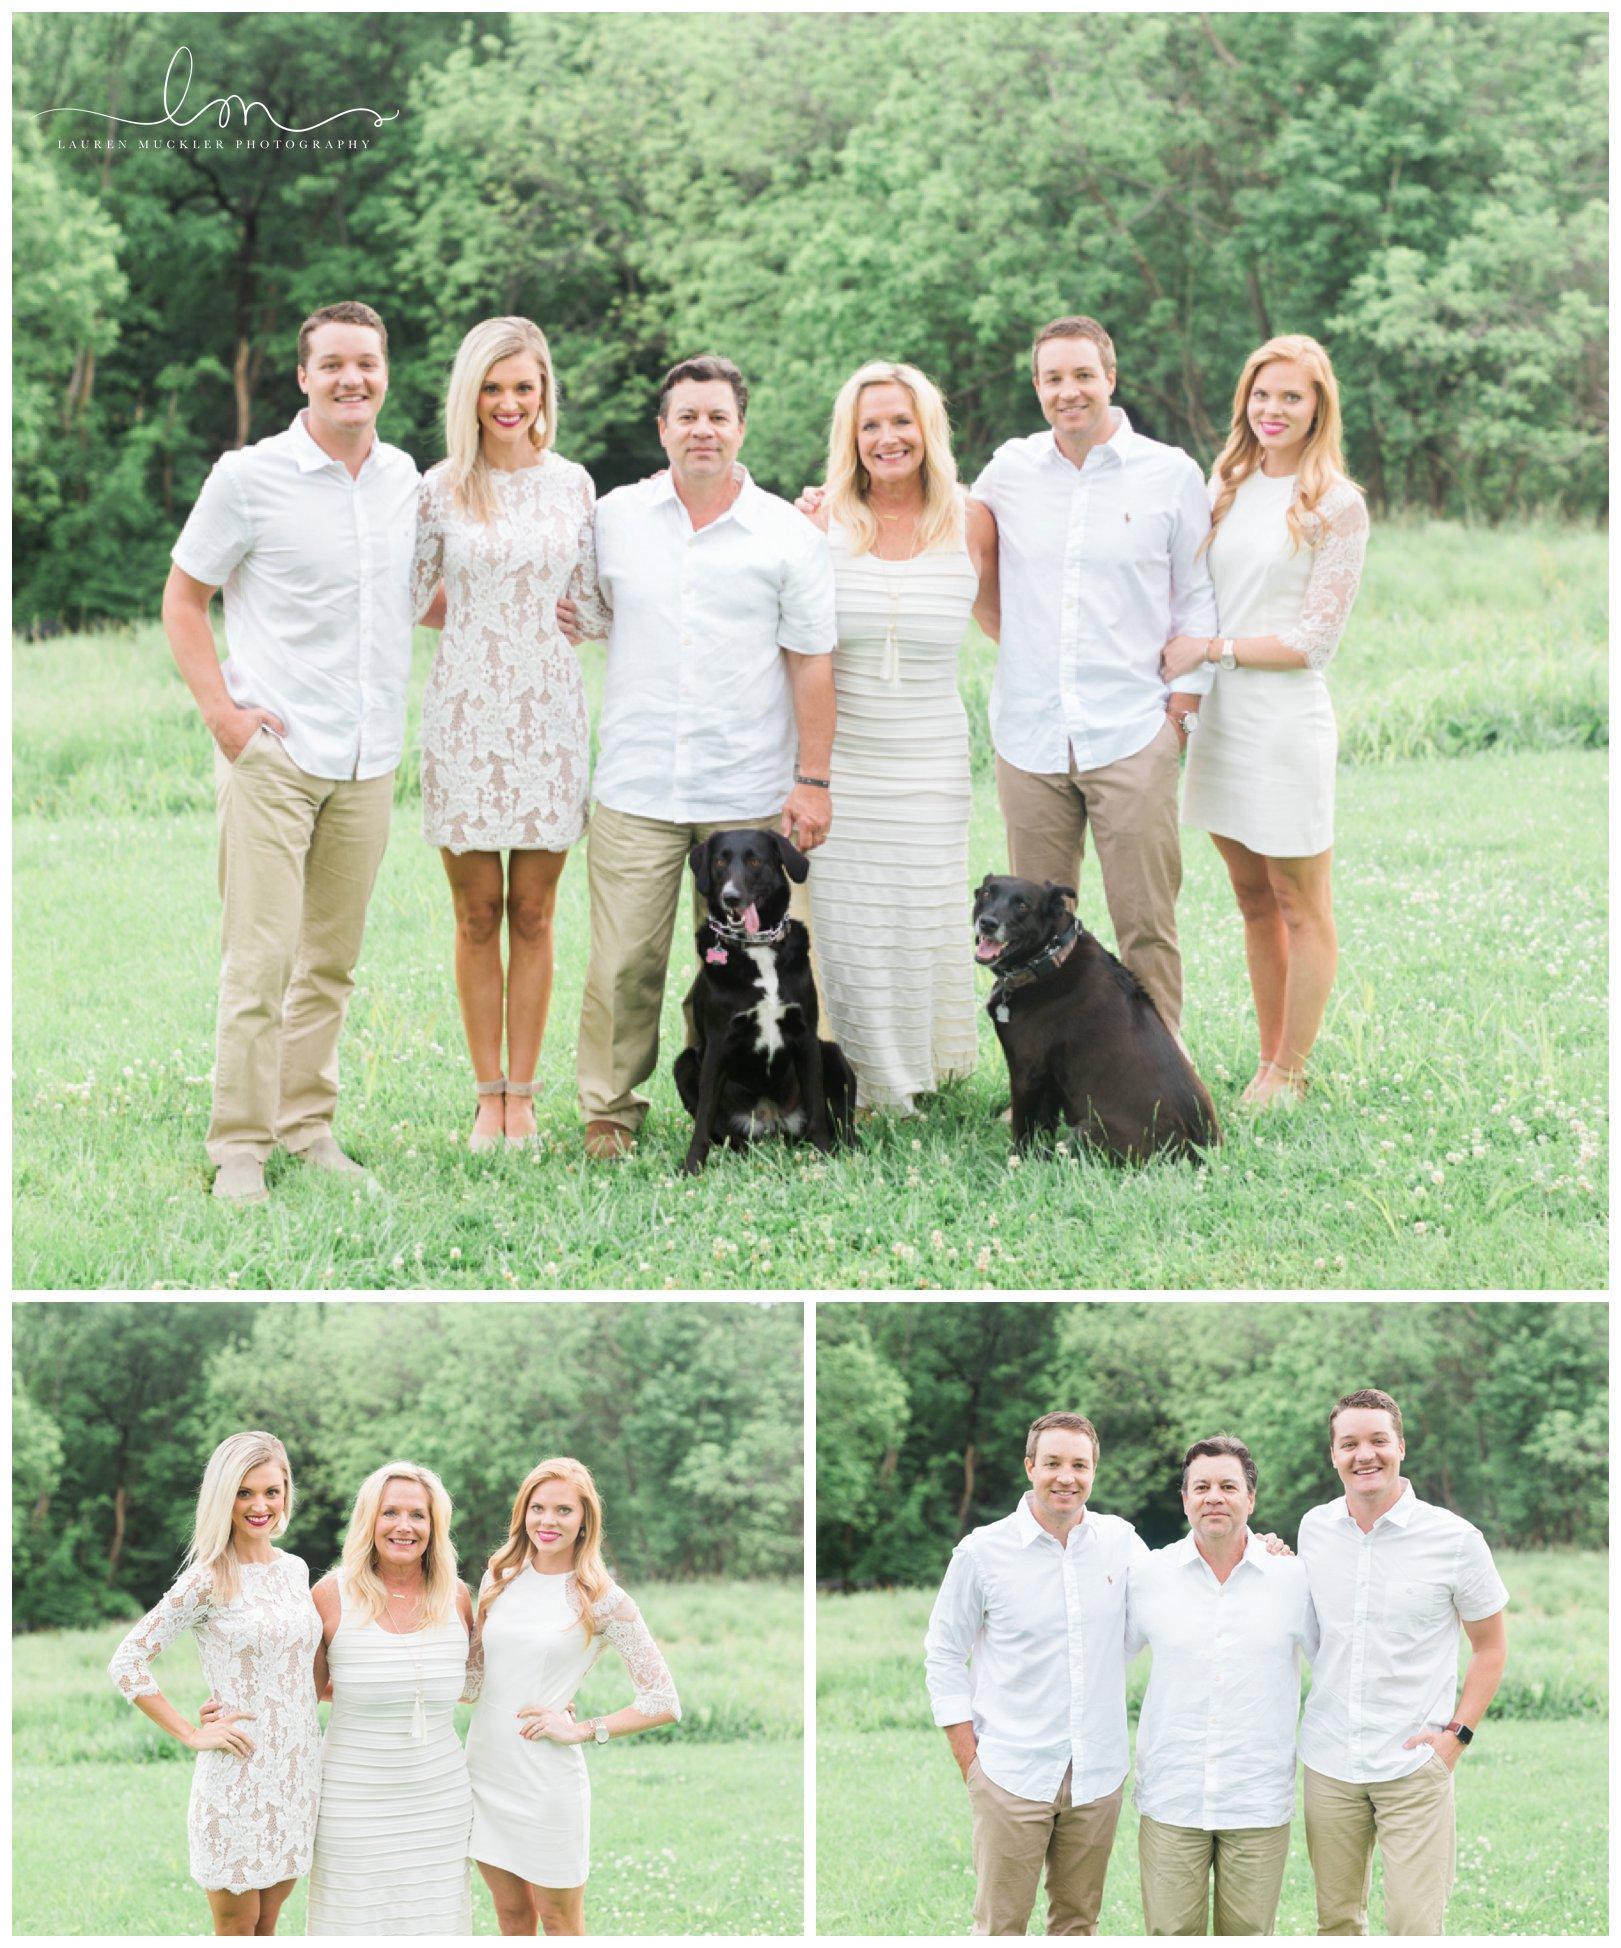 lauren muckler photography_fine art film wedding photography_st louis_photography_0323.jpg